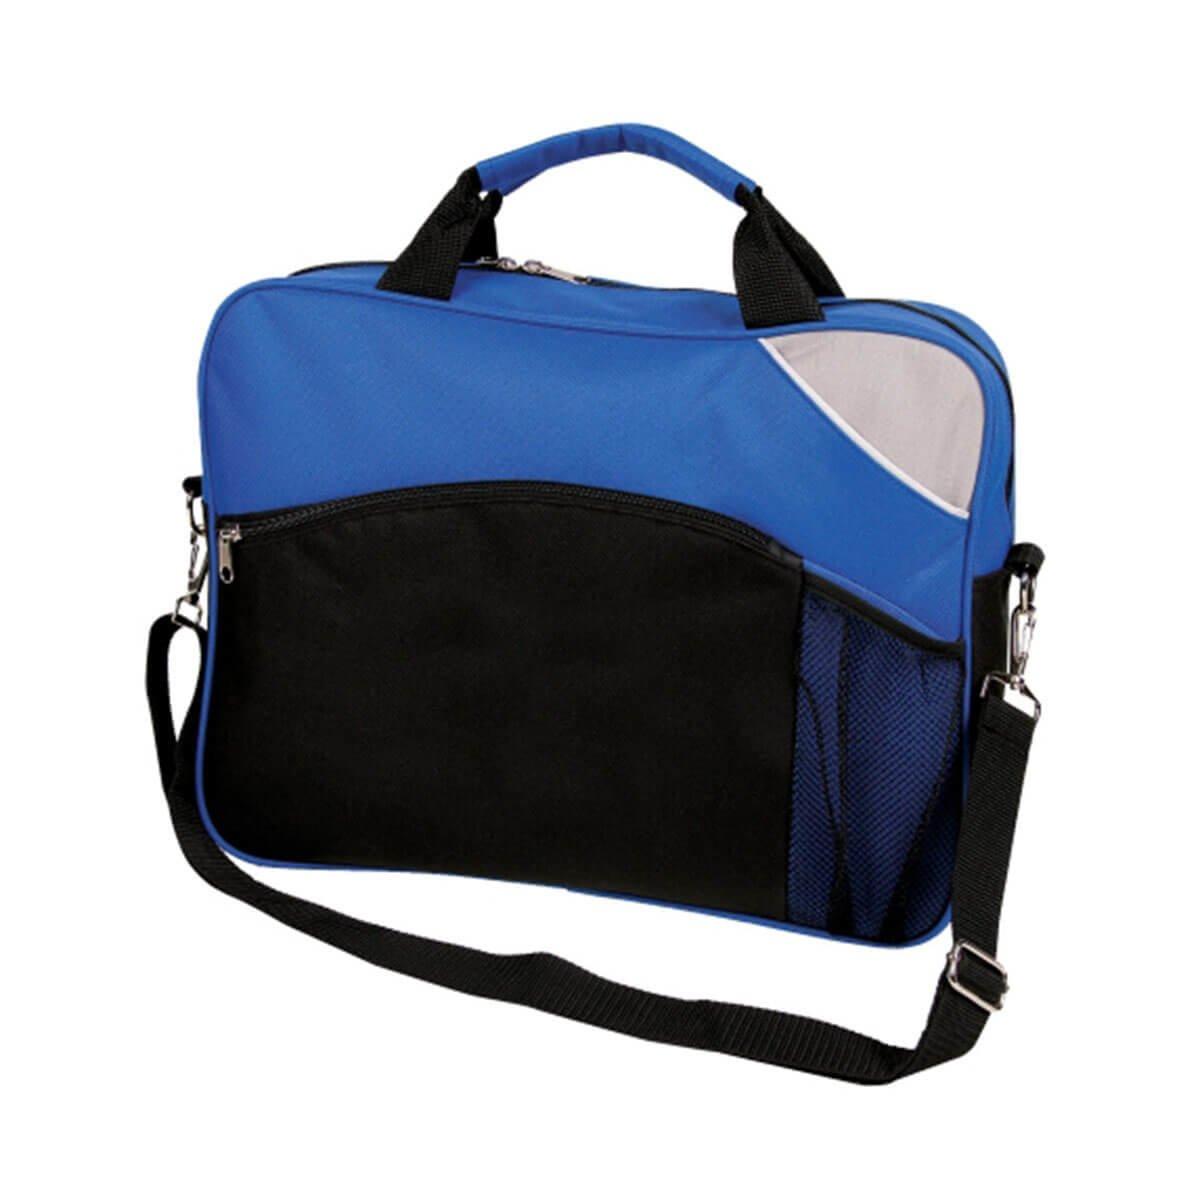 Churchill Sports Bag-Royal / Black